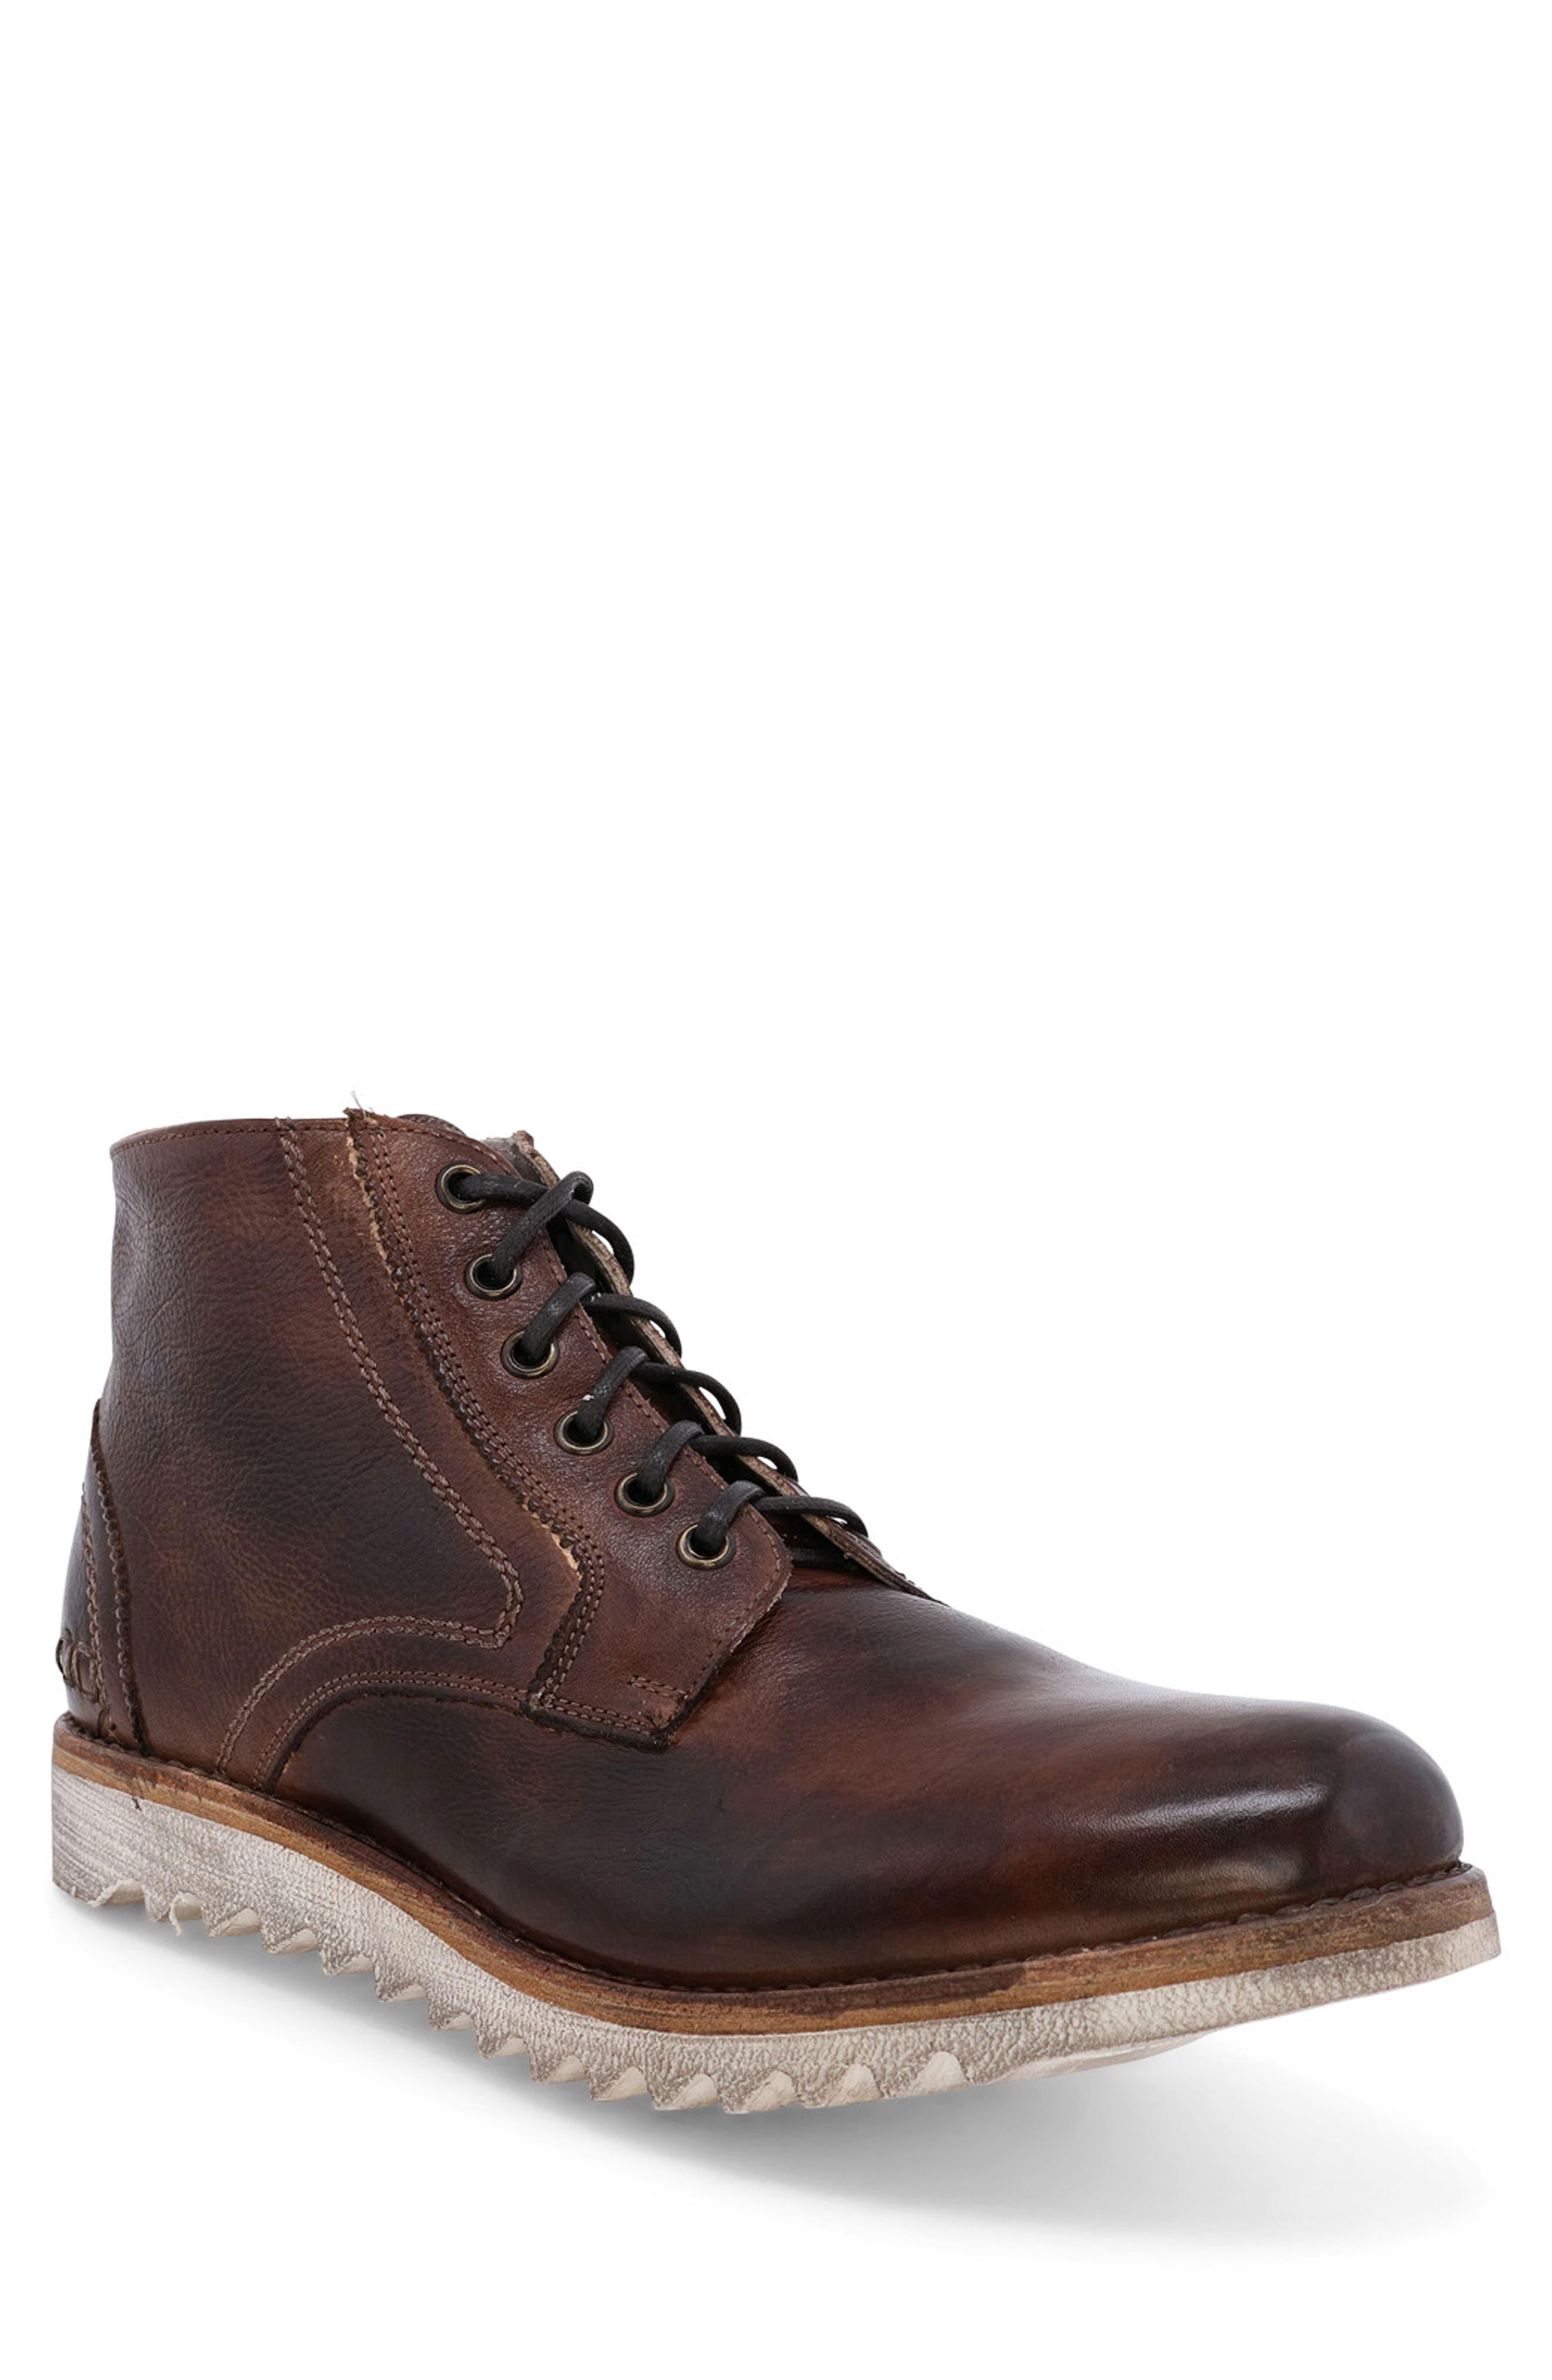 Bradley Ii Boot